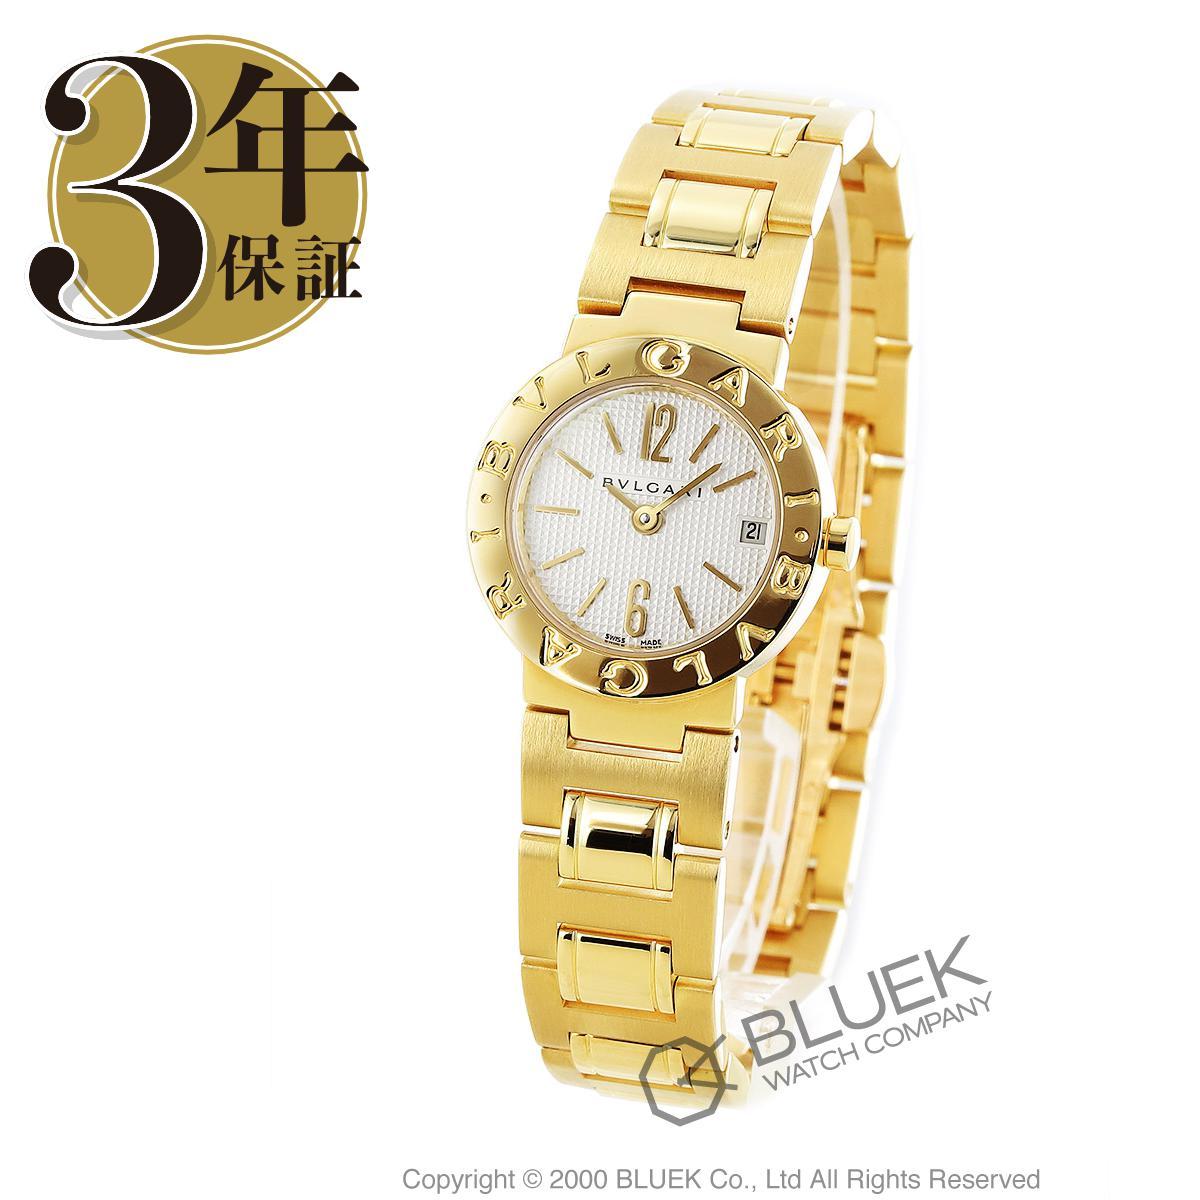 ブルガリ ブルガリブルガリ YG金無垢 腕時計 レディース BVLGARI BB23WGGD_8